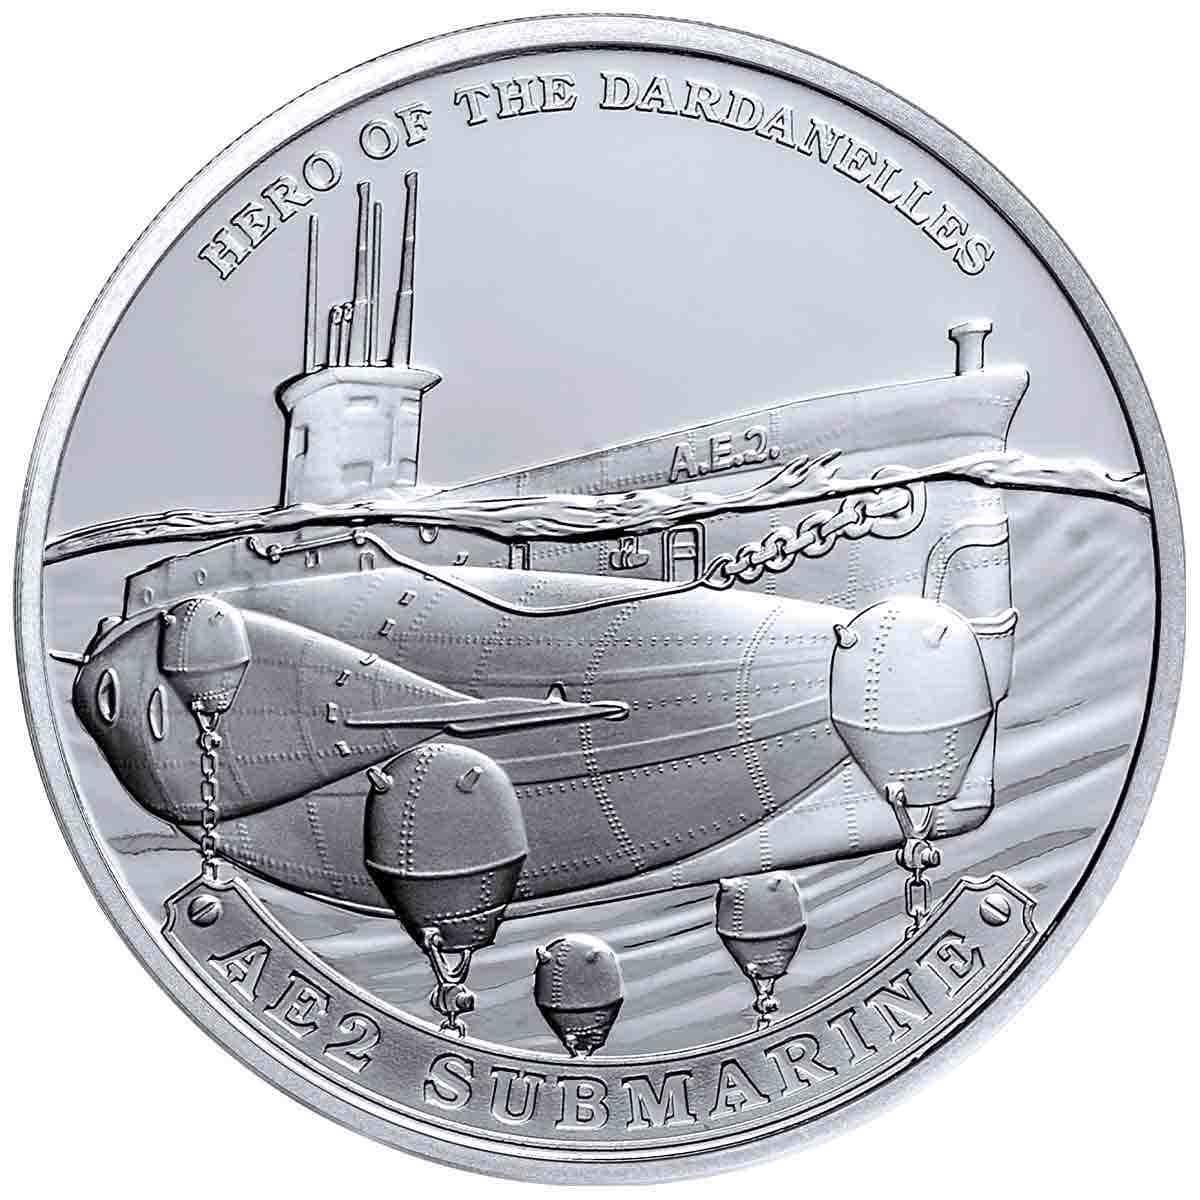 AE2 Submarine